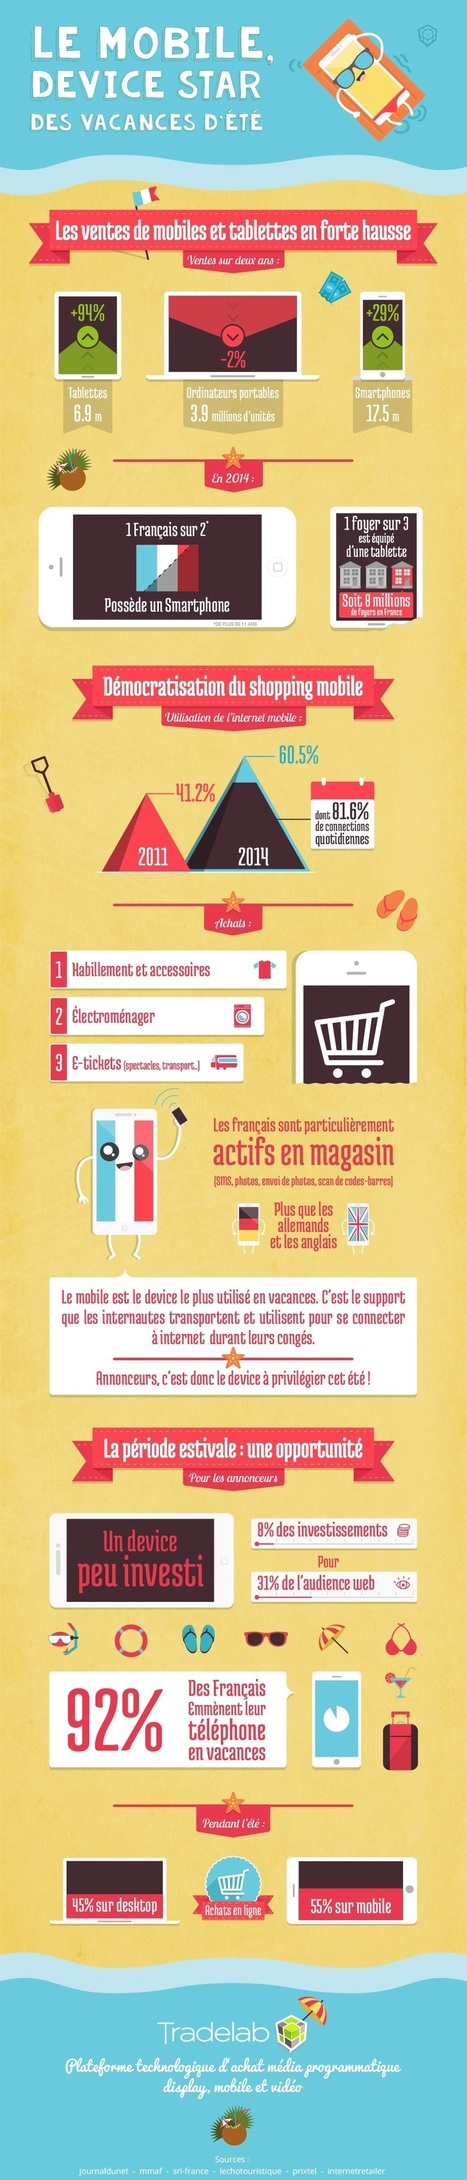 Pendant l'été, 55% des Français achètent sur leur mobile | Geolocalisation & etourisme : local based services & tourism | Scoop.it